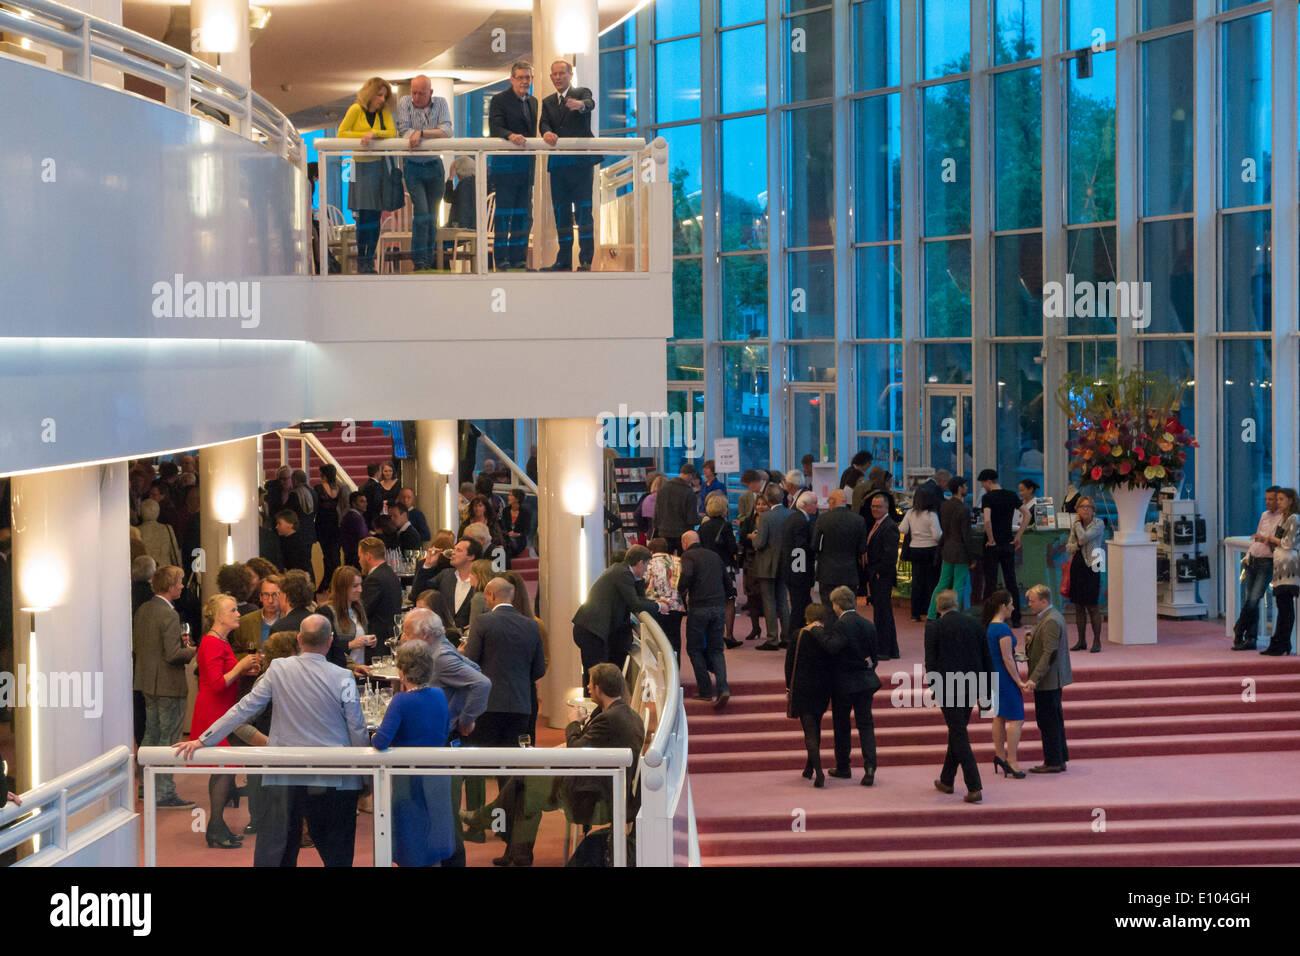 Amsterdam Stopera Opéra National Néerlandais de l'intérieur de l'édifice Elijah-Smith hall avec les gens sur les visiteurs pendant l'entracte de la soirée d'ouverture Photo Stock